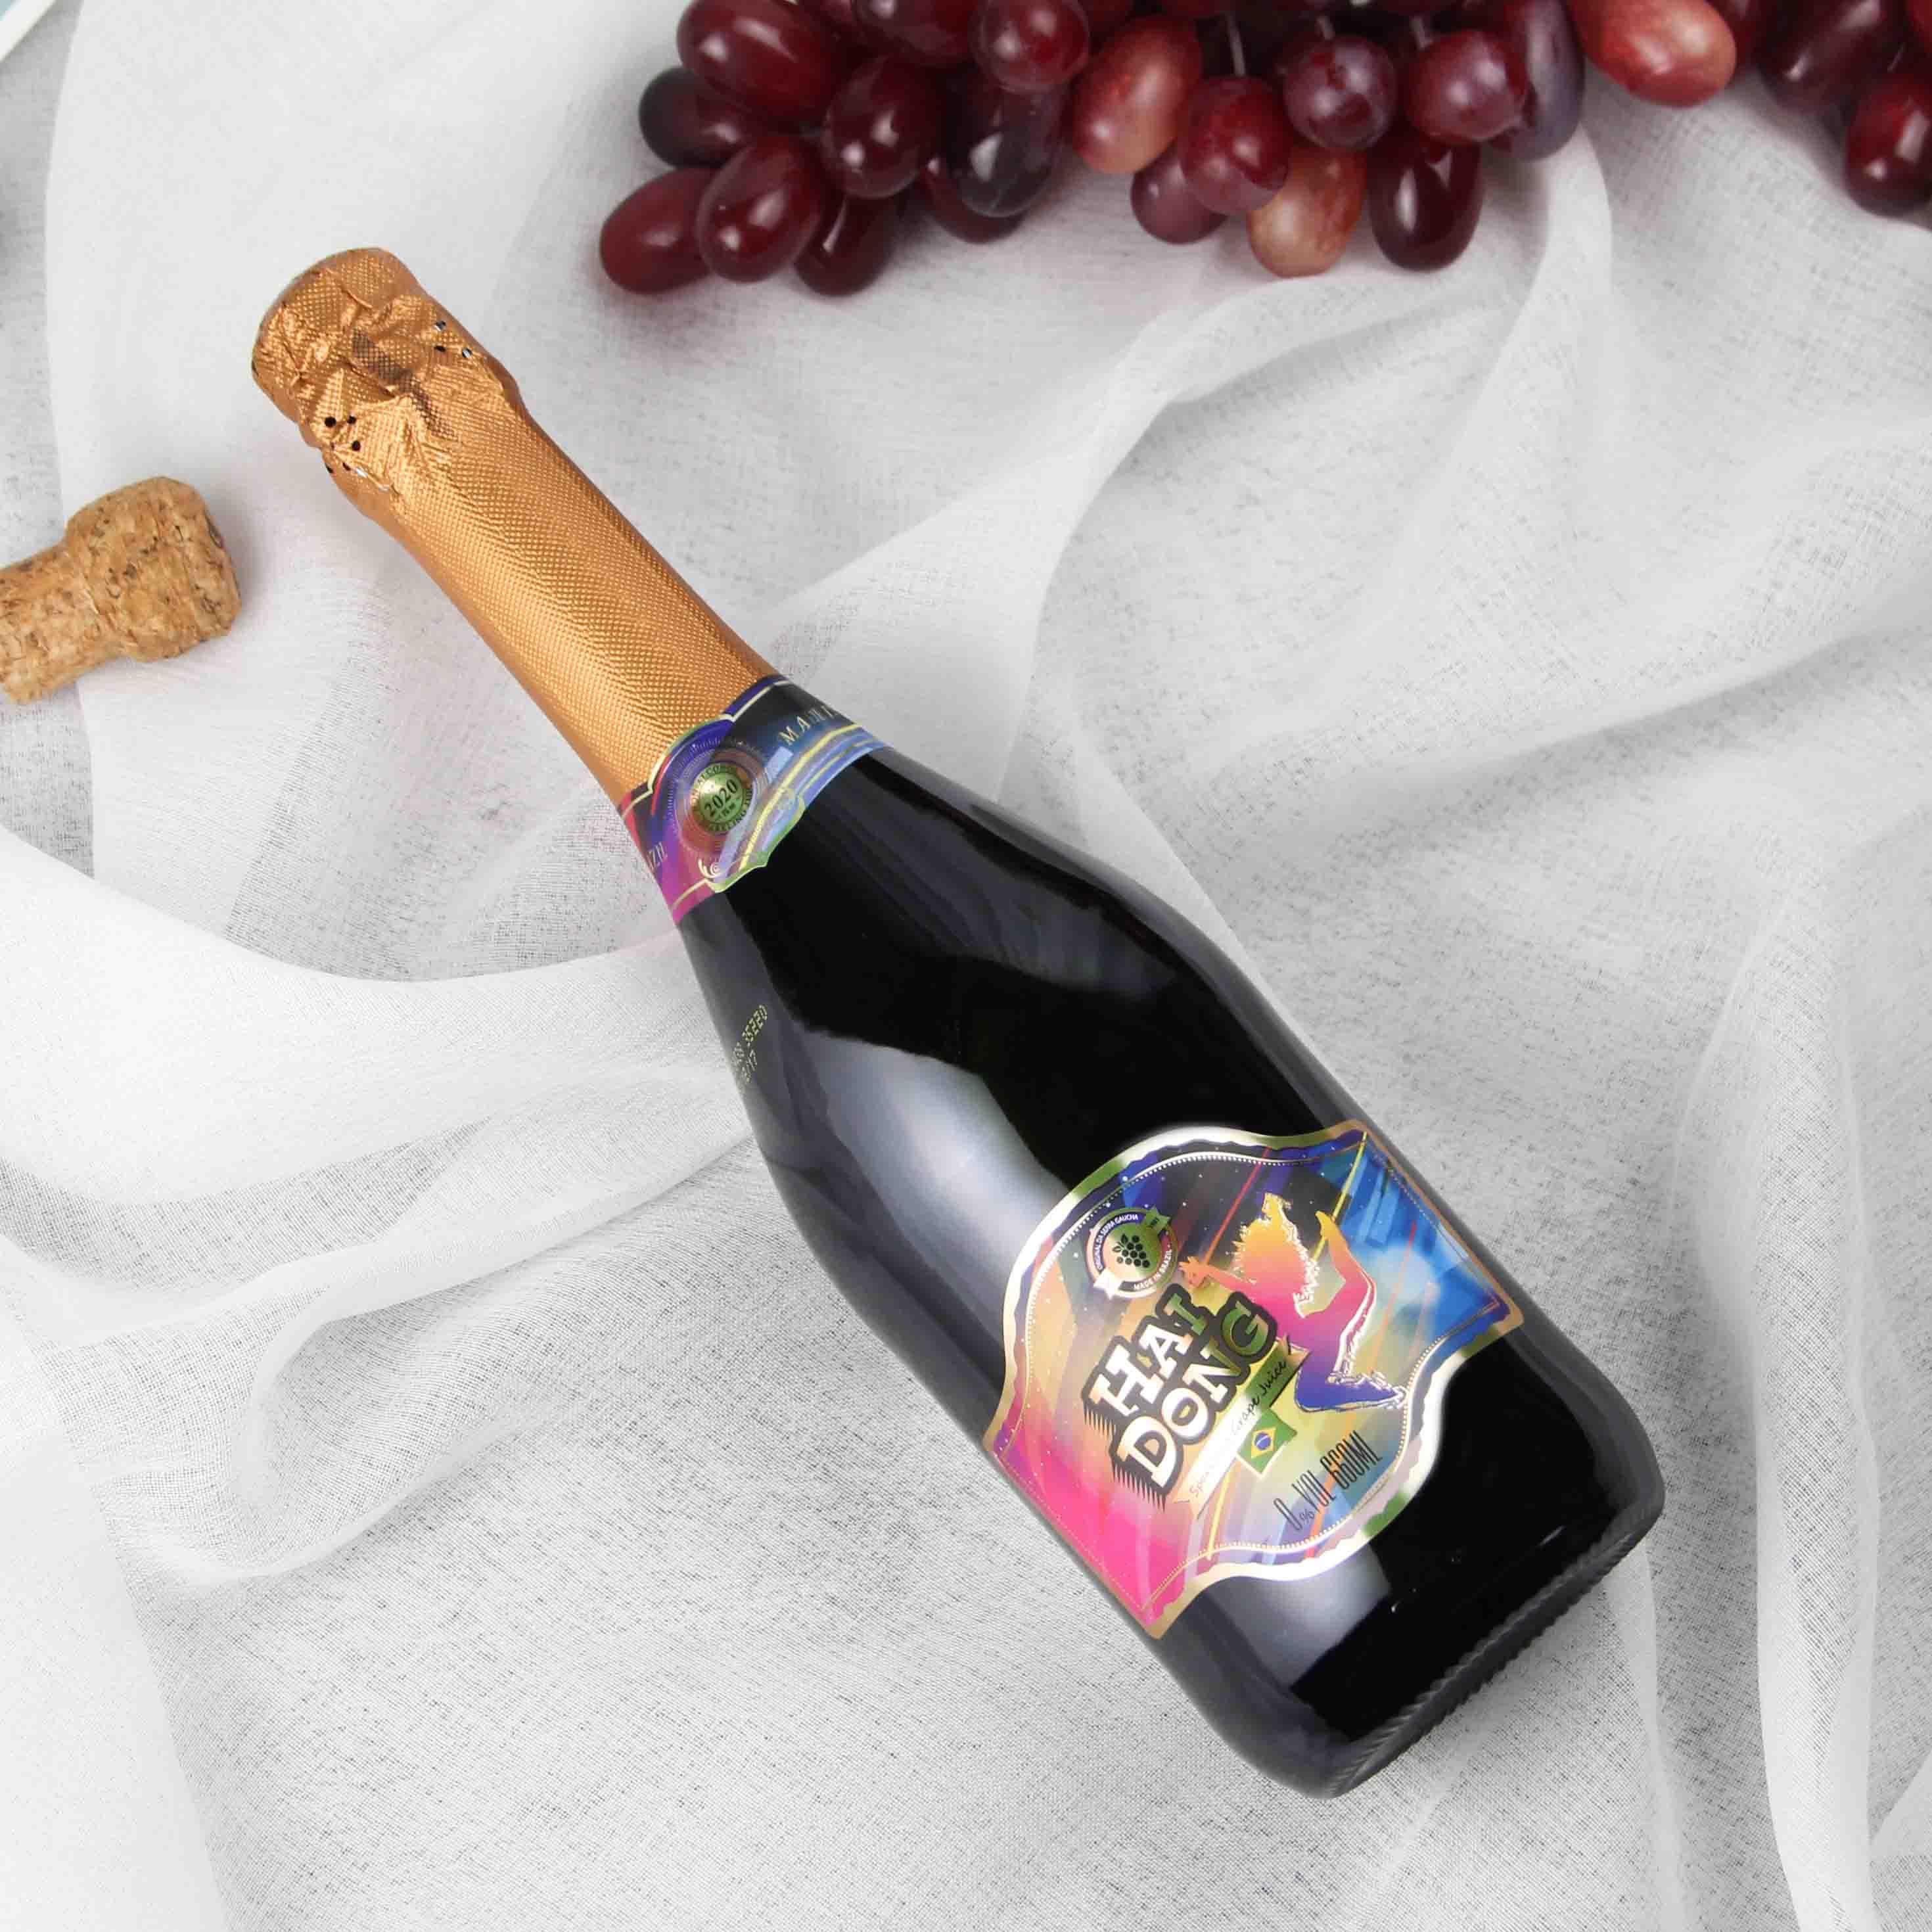 巴西高桥山谷嗨动起泡酒红葡萄汁